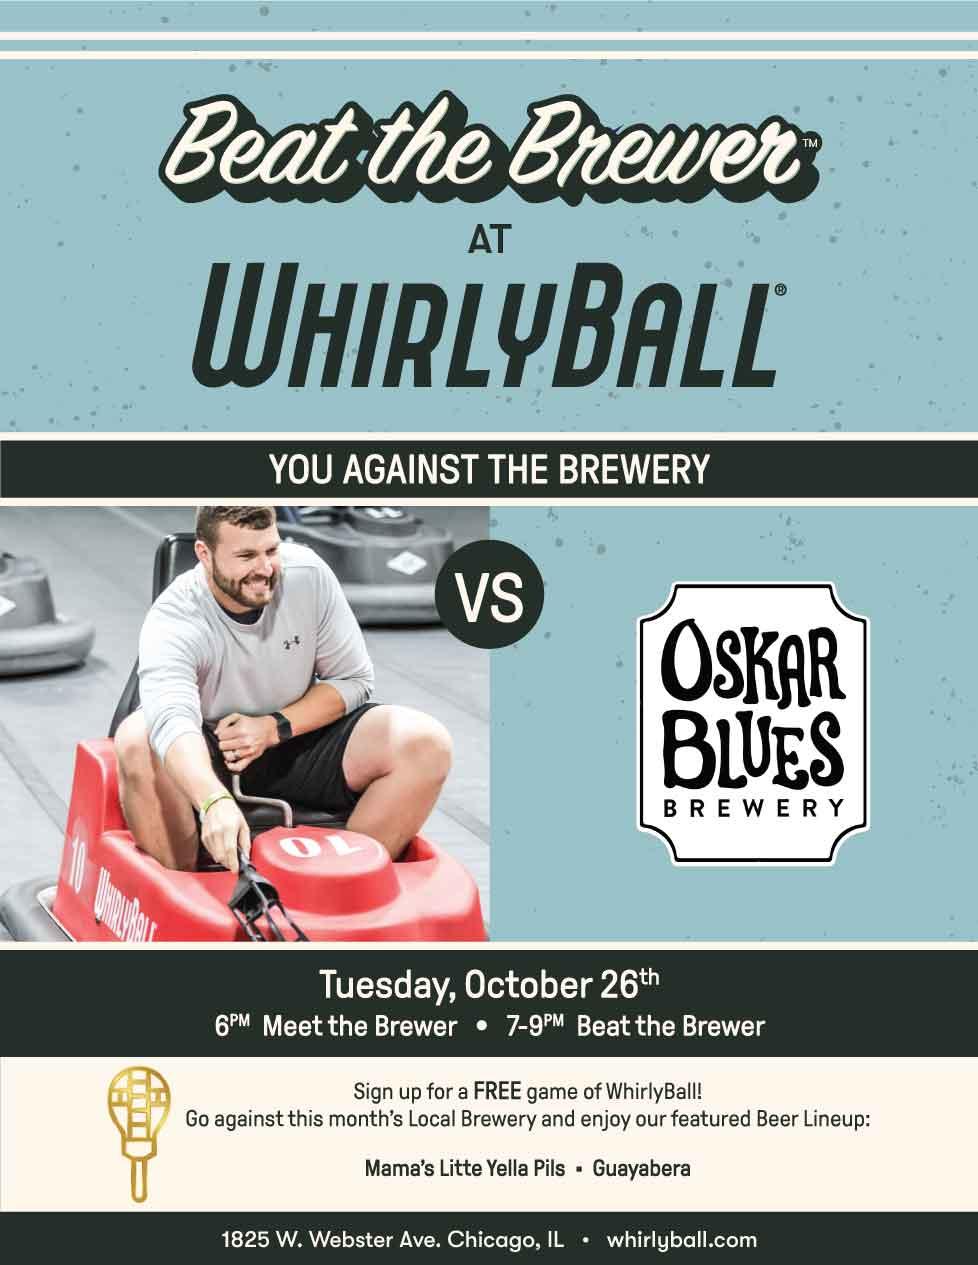 Beat-the-Brewer-versus-Oskar-Blues-Brewing